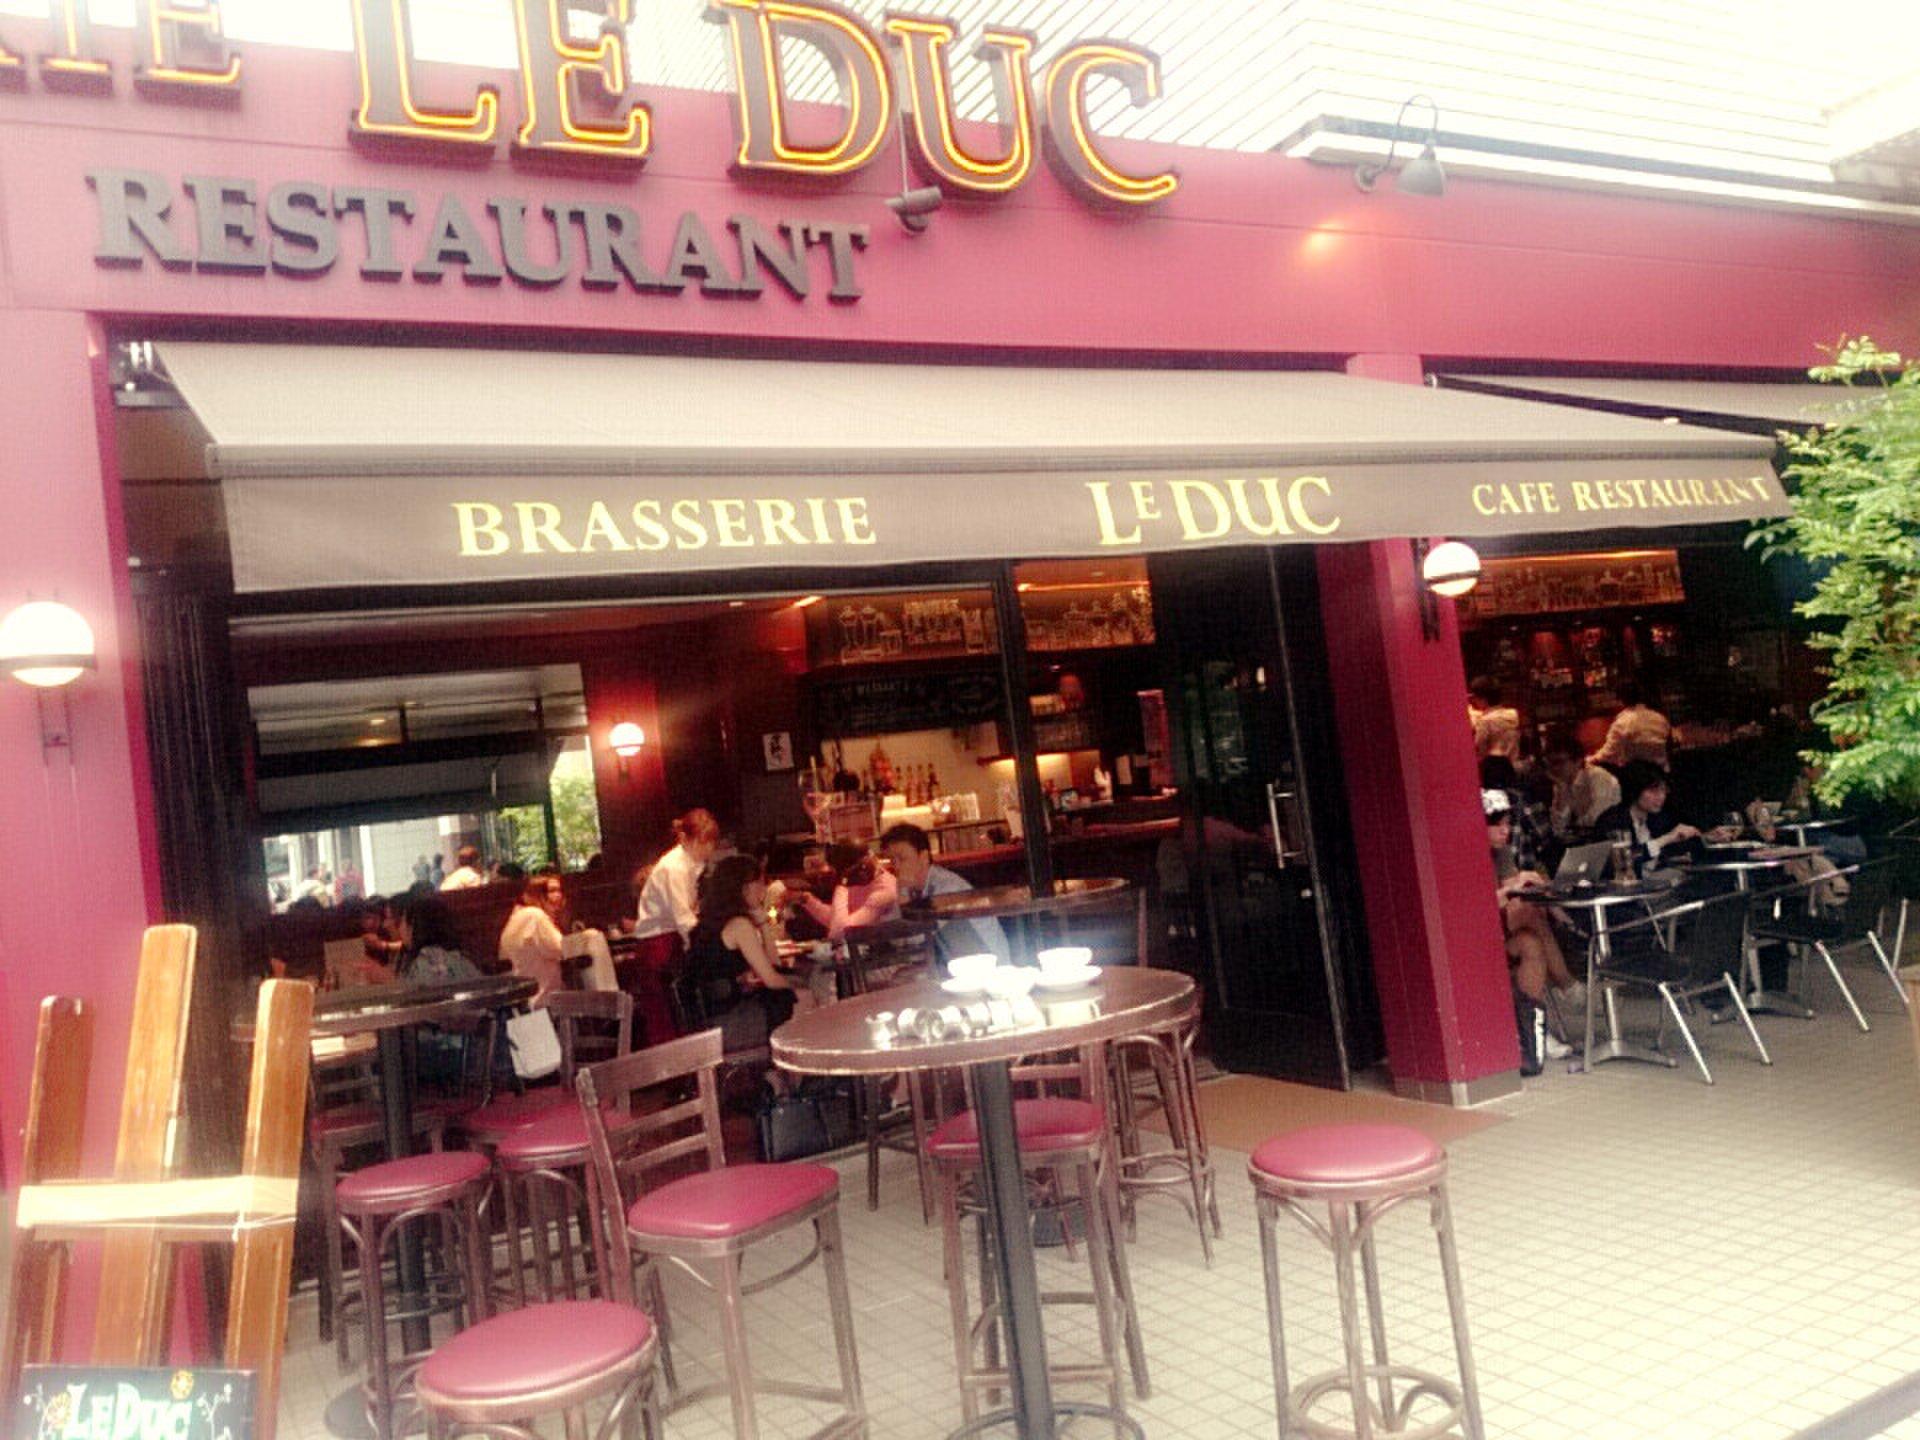 六本木駅近【おすすめ】パリみたい!海外風テラス席カフェレストラン le duc